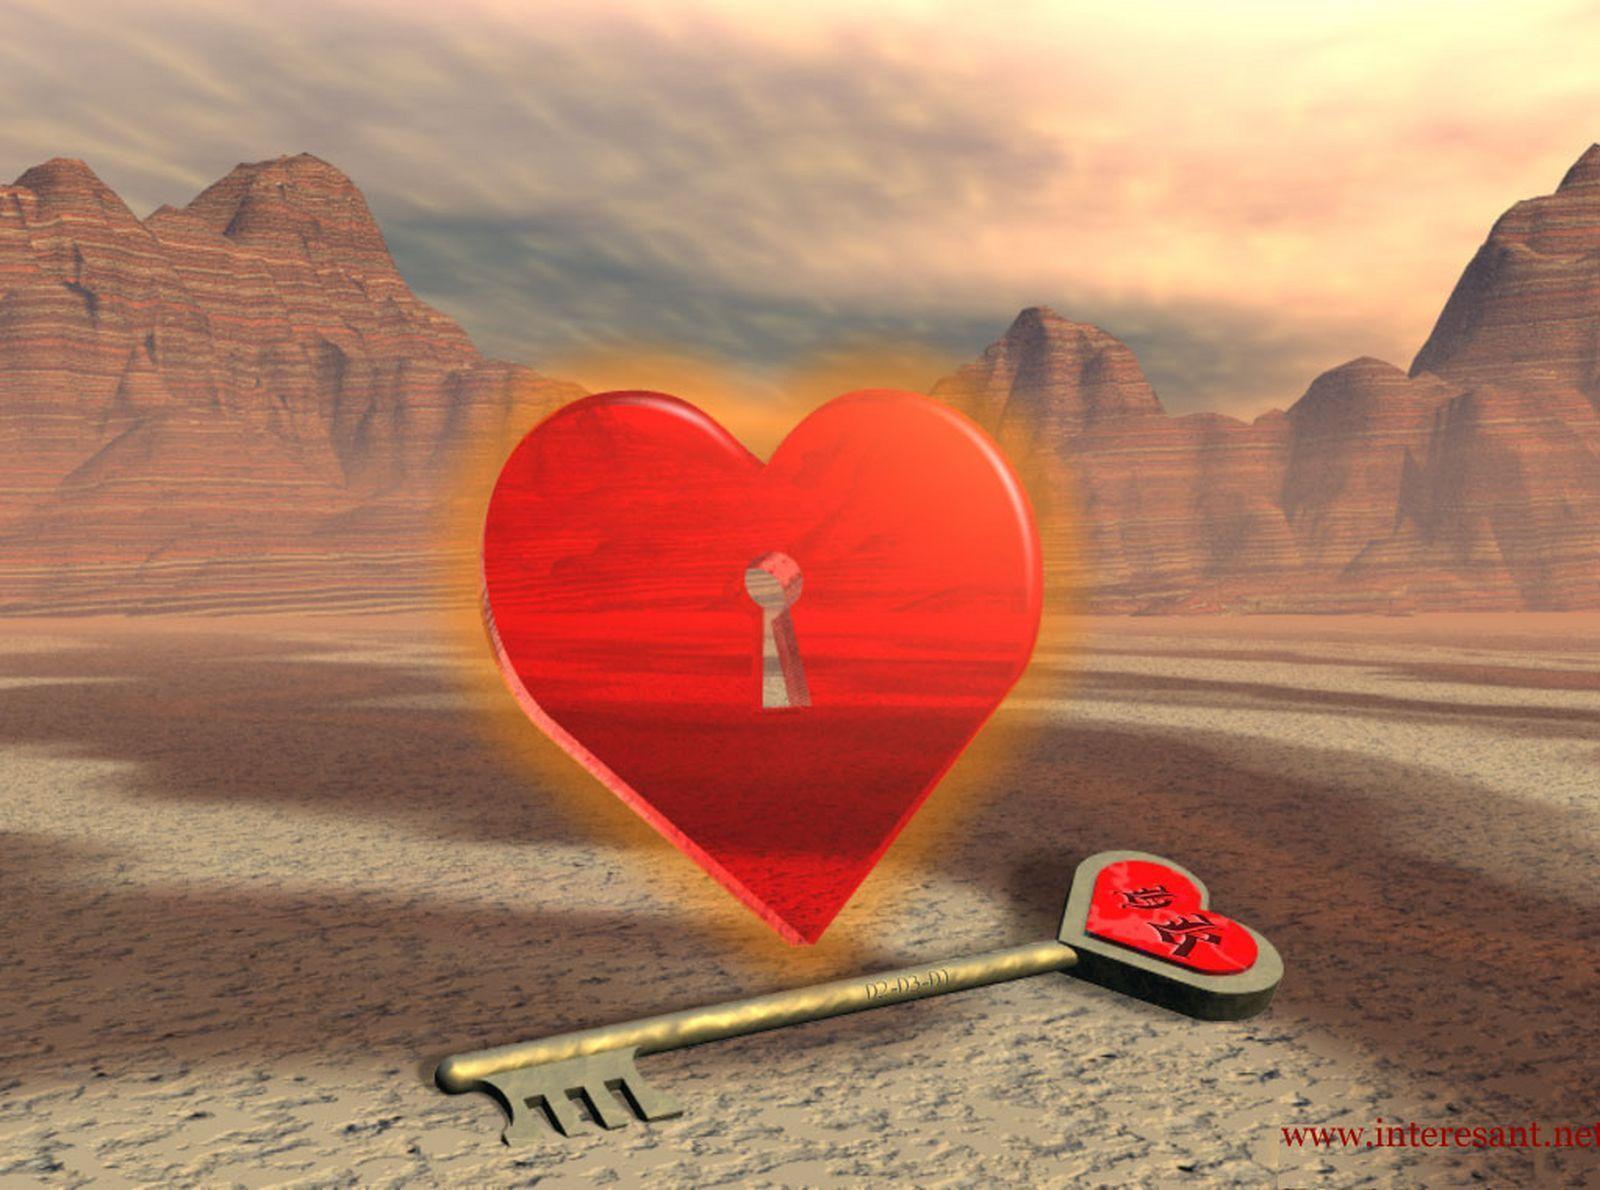 http://3.bp.blogspot.com/-xsop0Pgx0Ws/UVLZgC4EJmI/AAAAAAAAFmQ/ssTXccERvBw/s1600/Love-Wallpaper-love-2939258-1600-1190.jpg